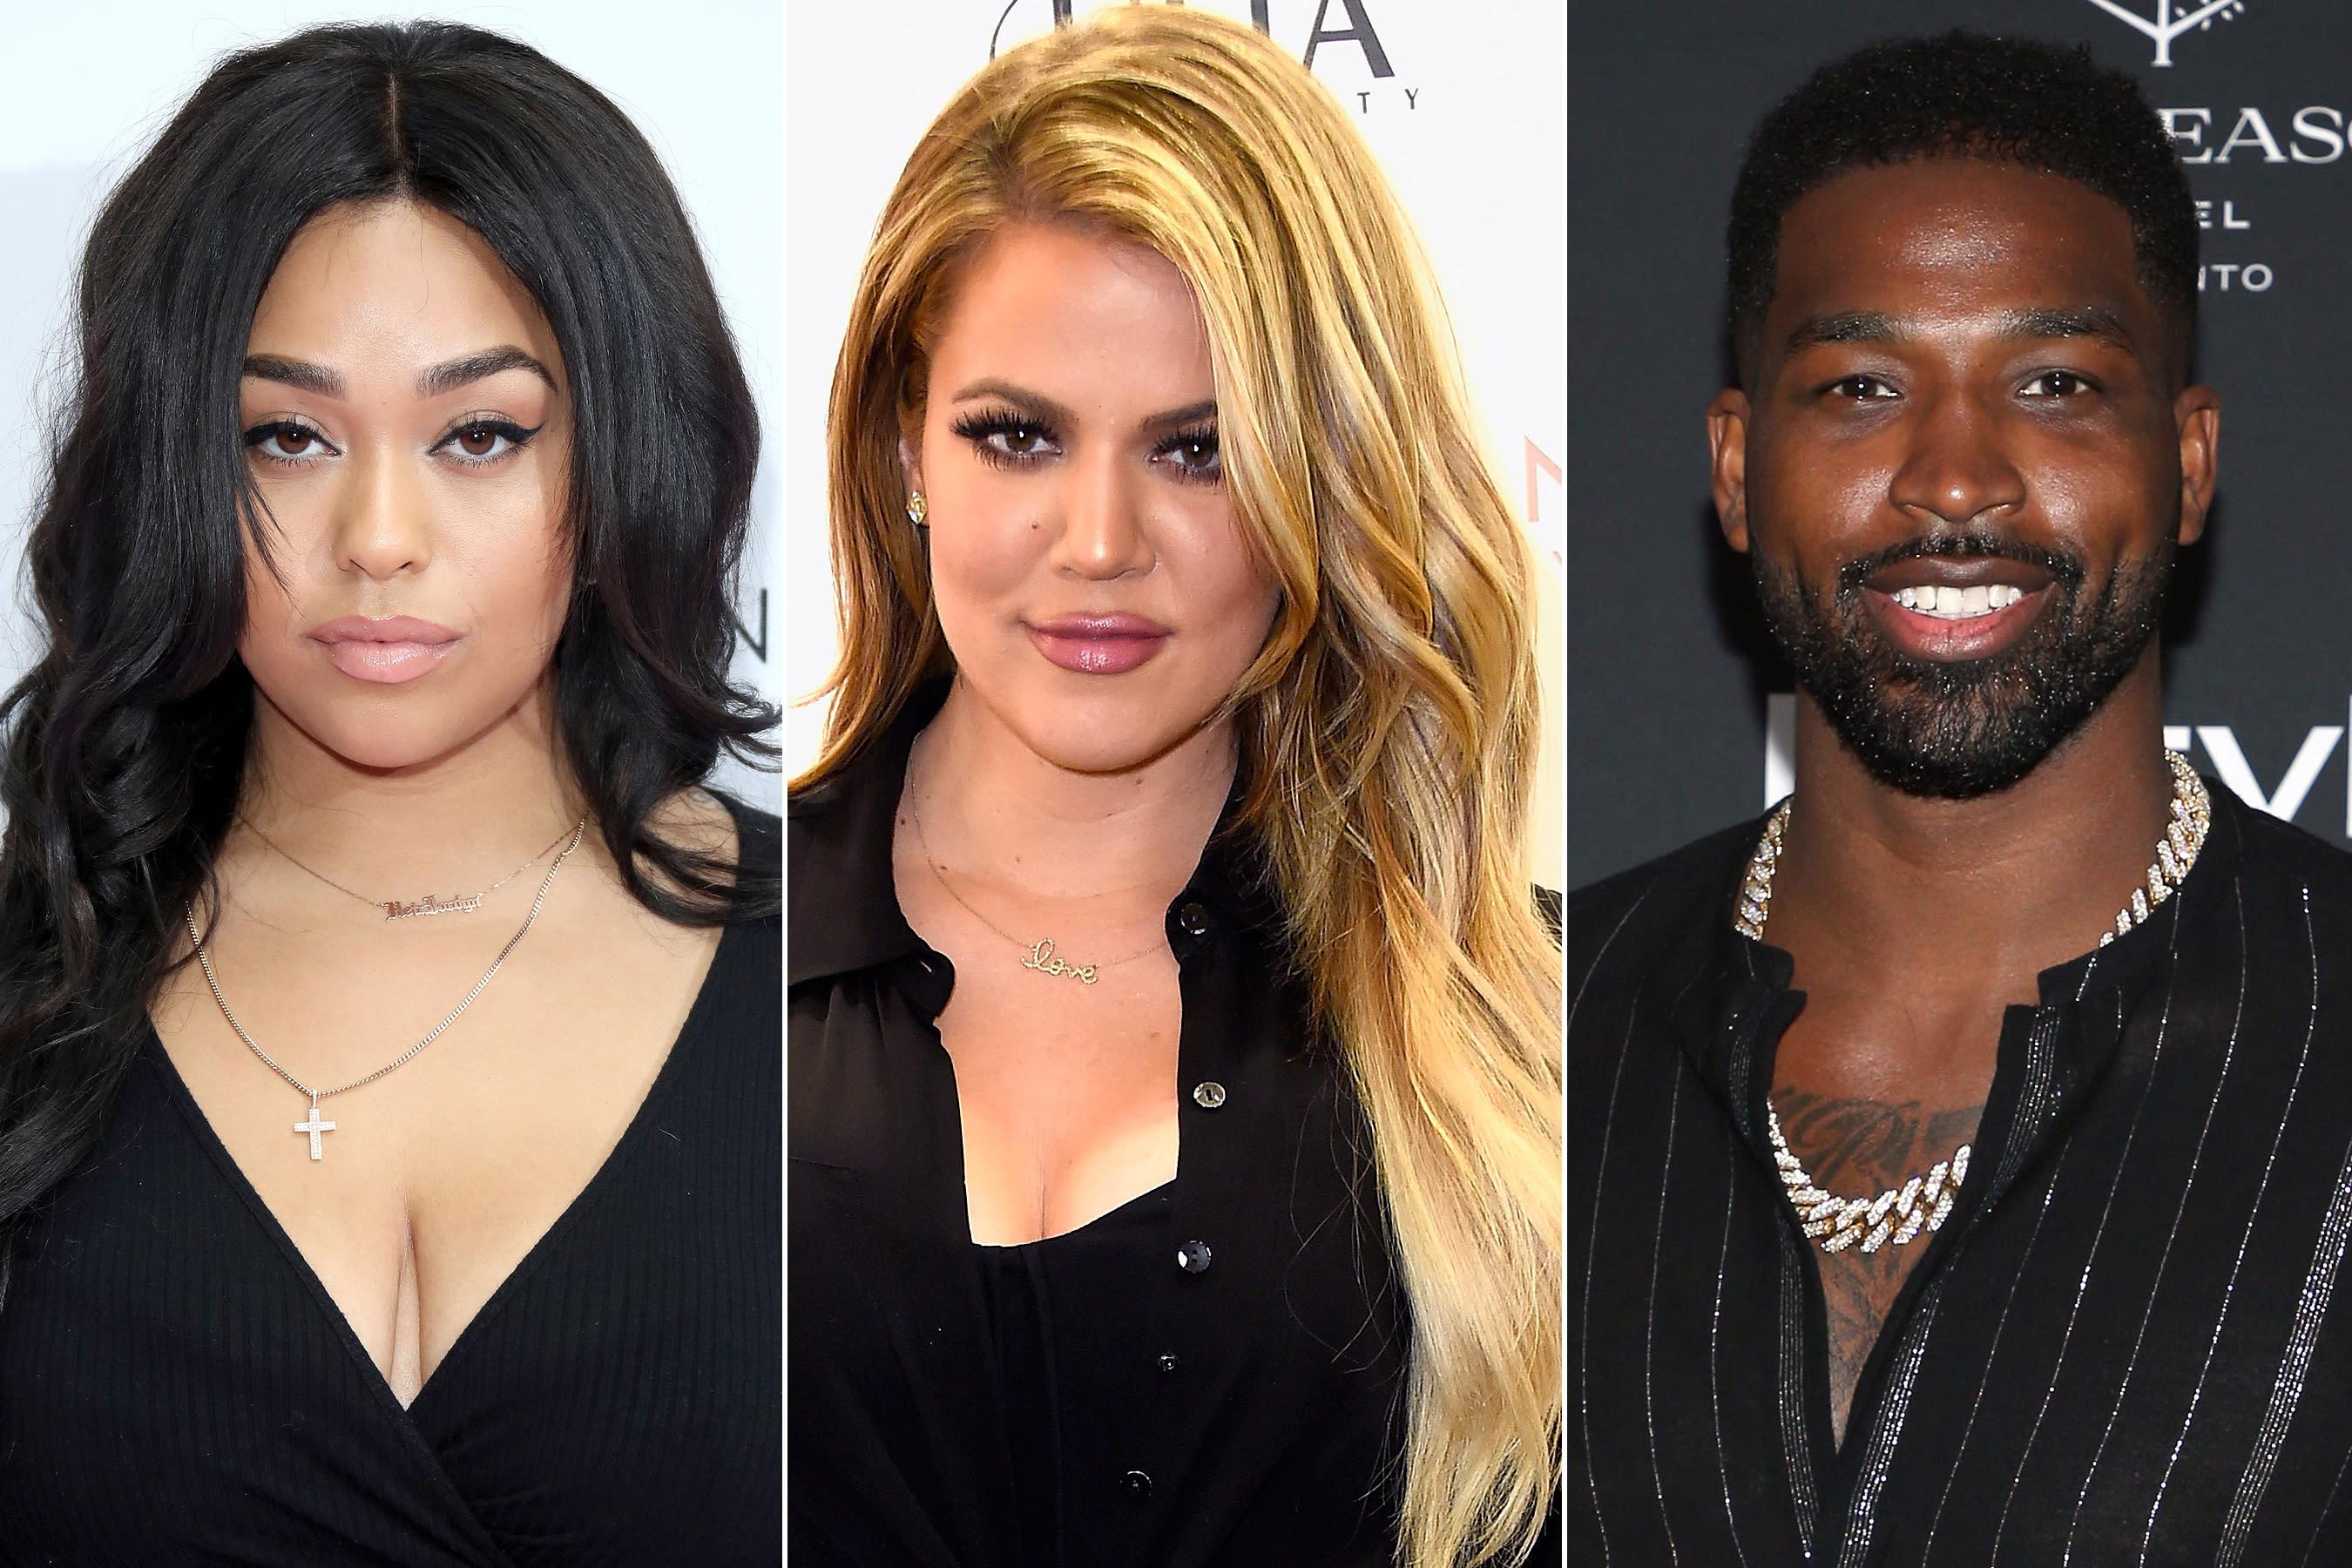 Khloe Kardashian Unfollows Jordyn Woods On Instagram But Still